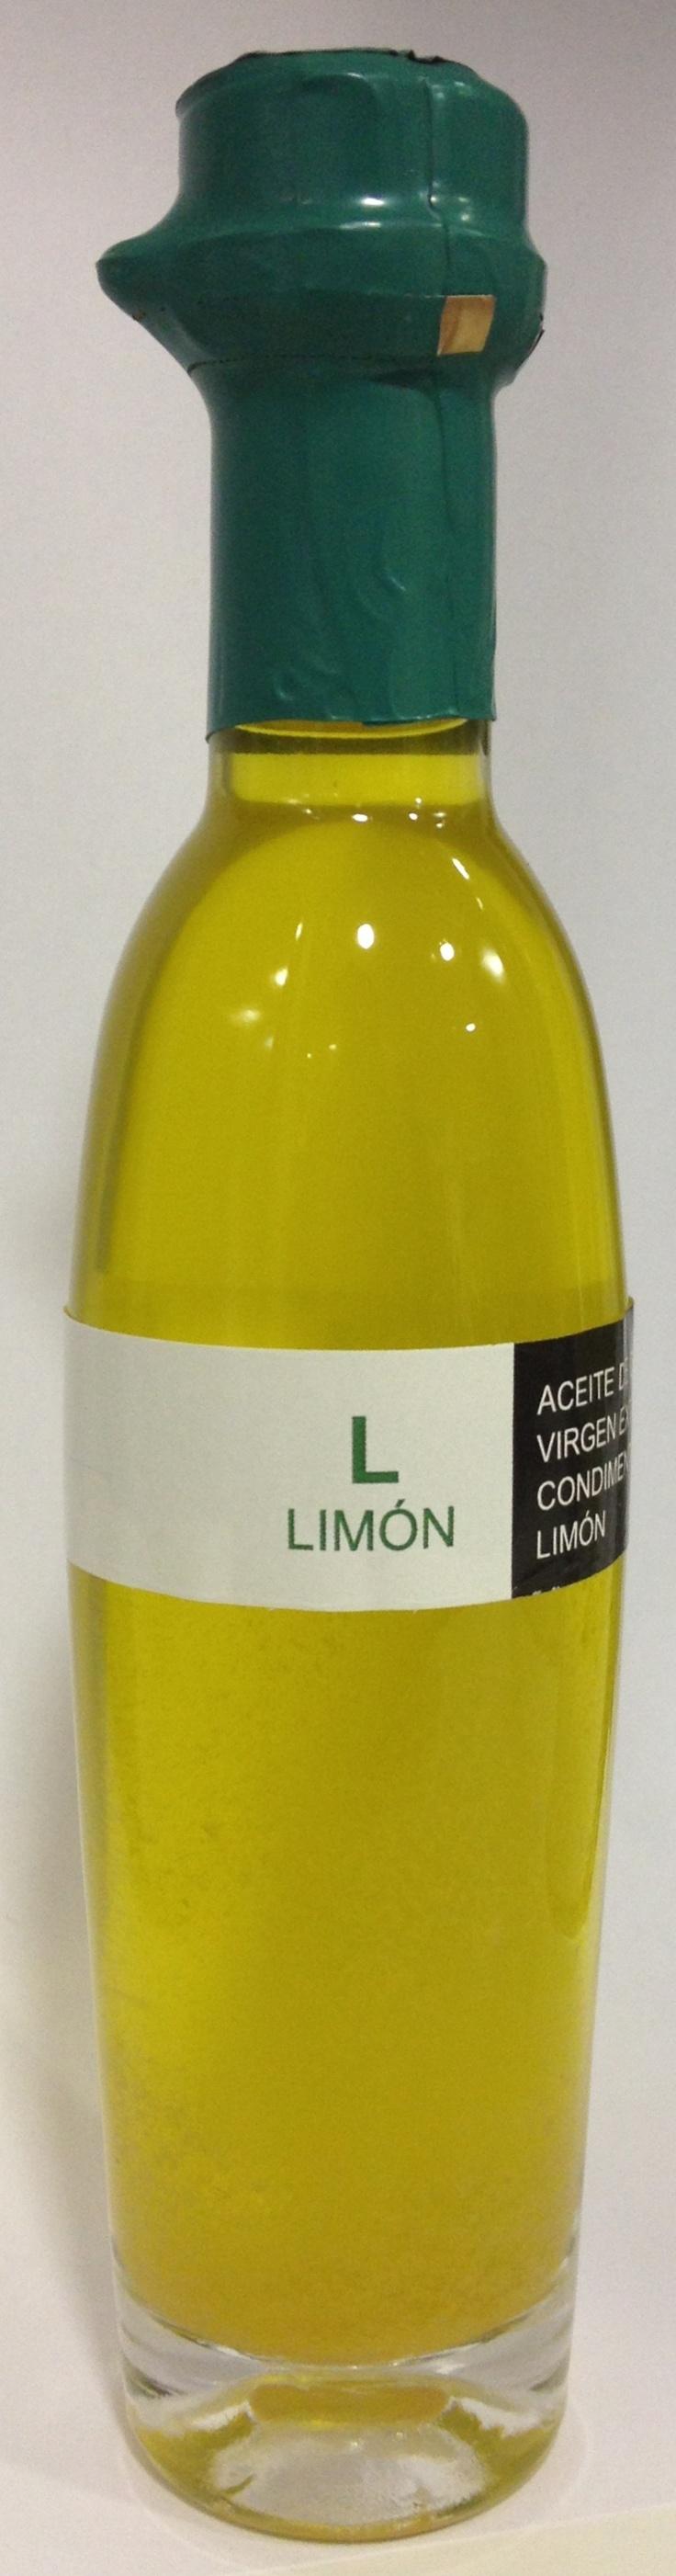 Aceite de oliva virgen extra ecostean con limón!